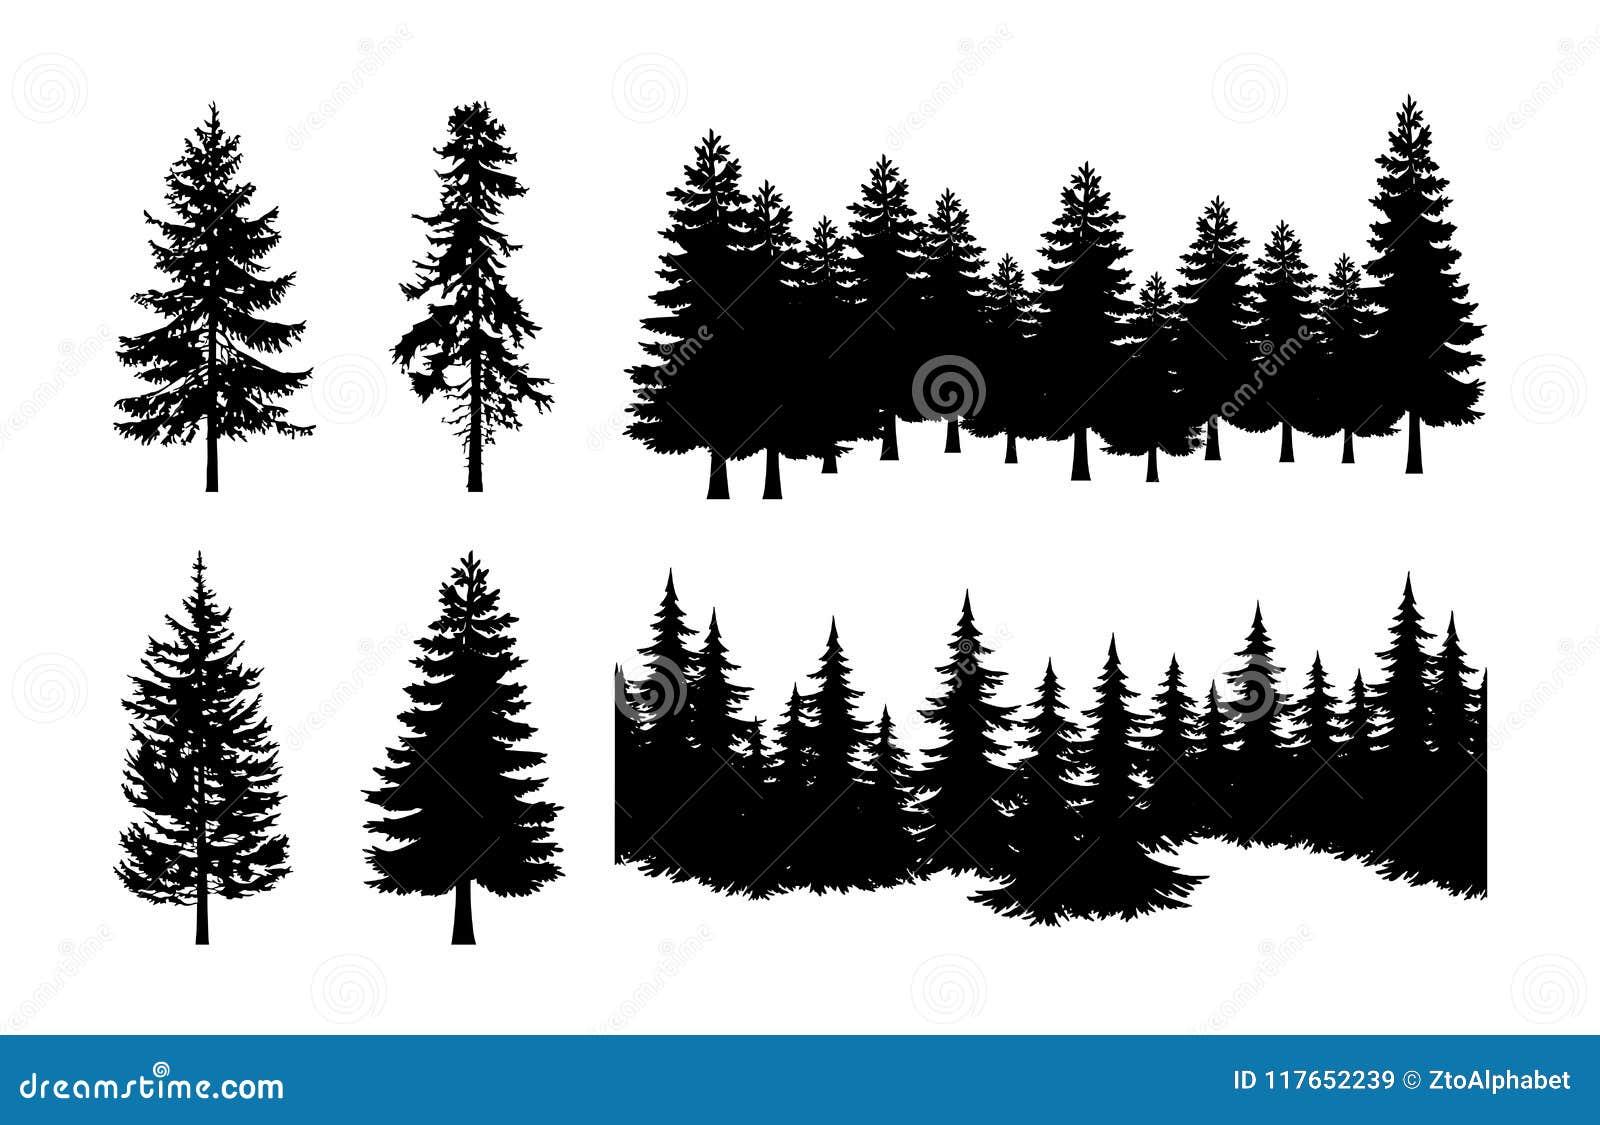 Διανυσματικό σύνολο σκιαγραφιών δέντρων πεύκων